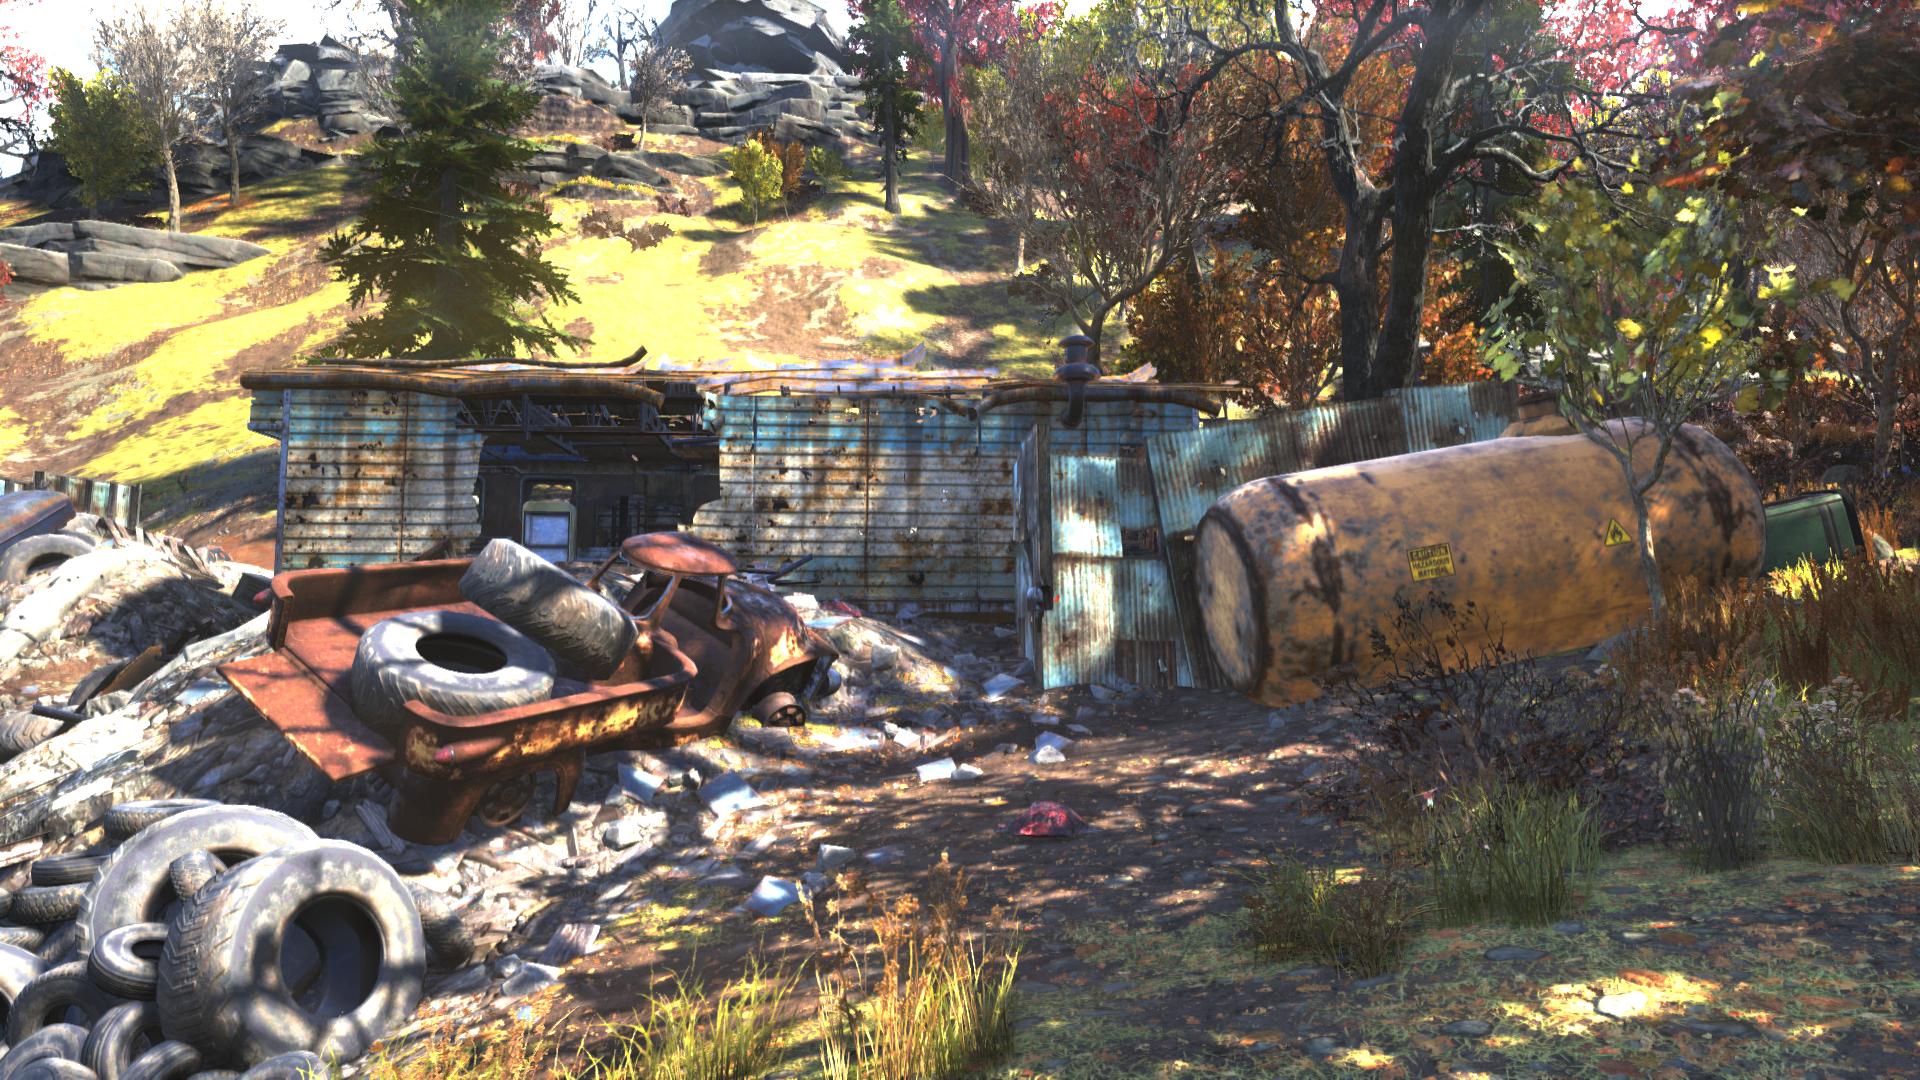 FO76 safecracker's shack exterior